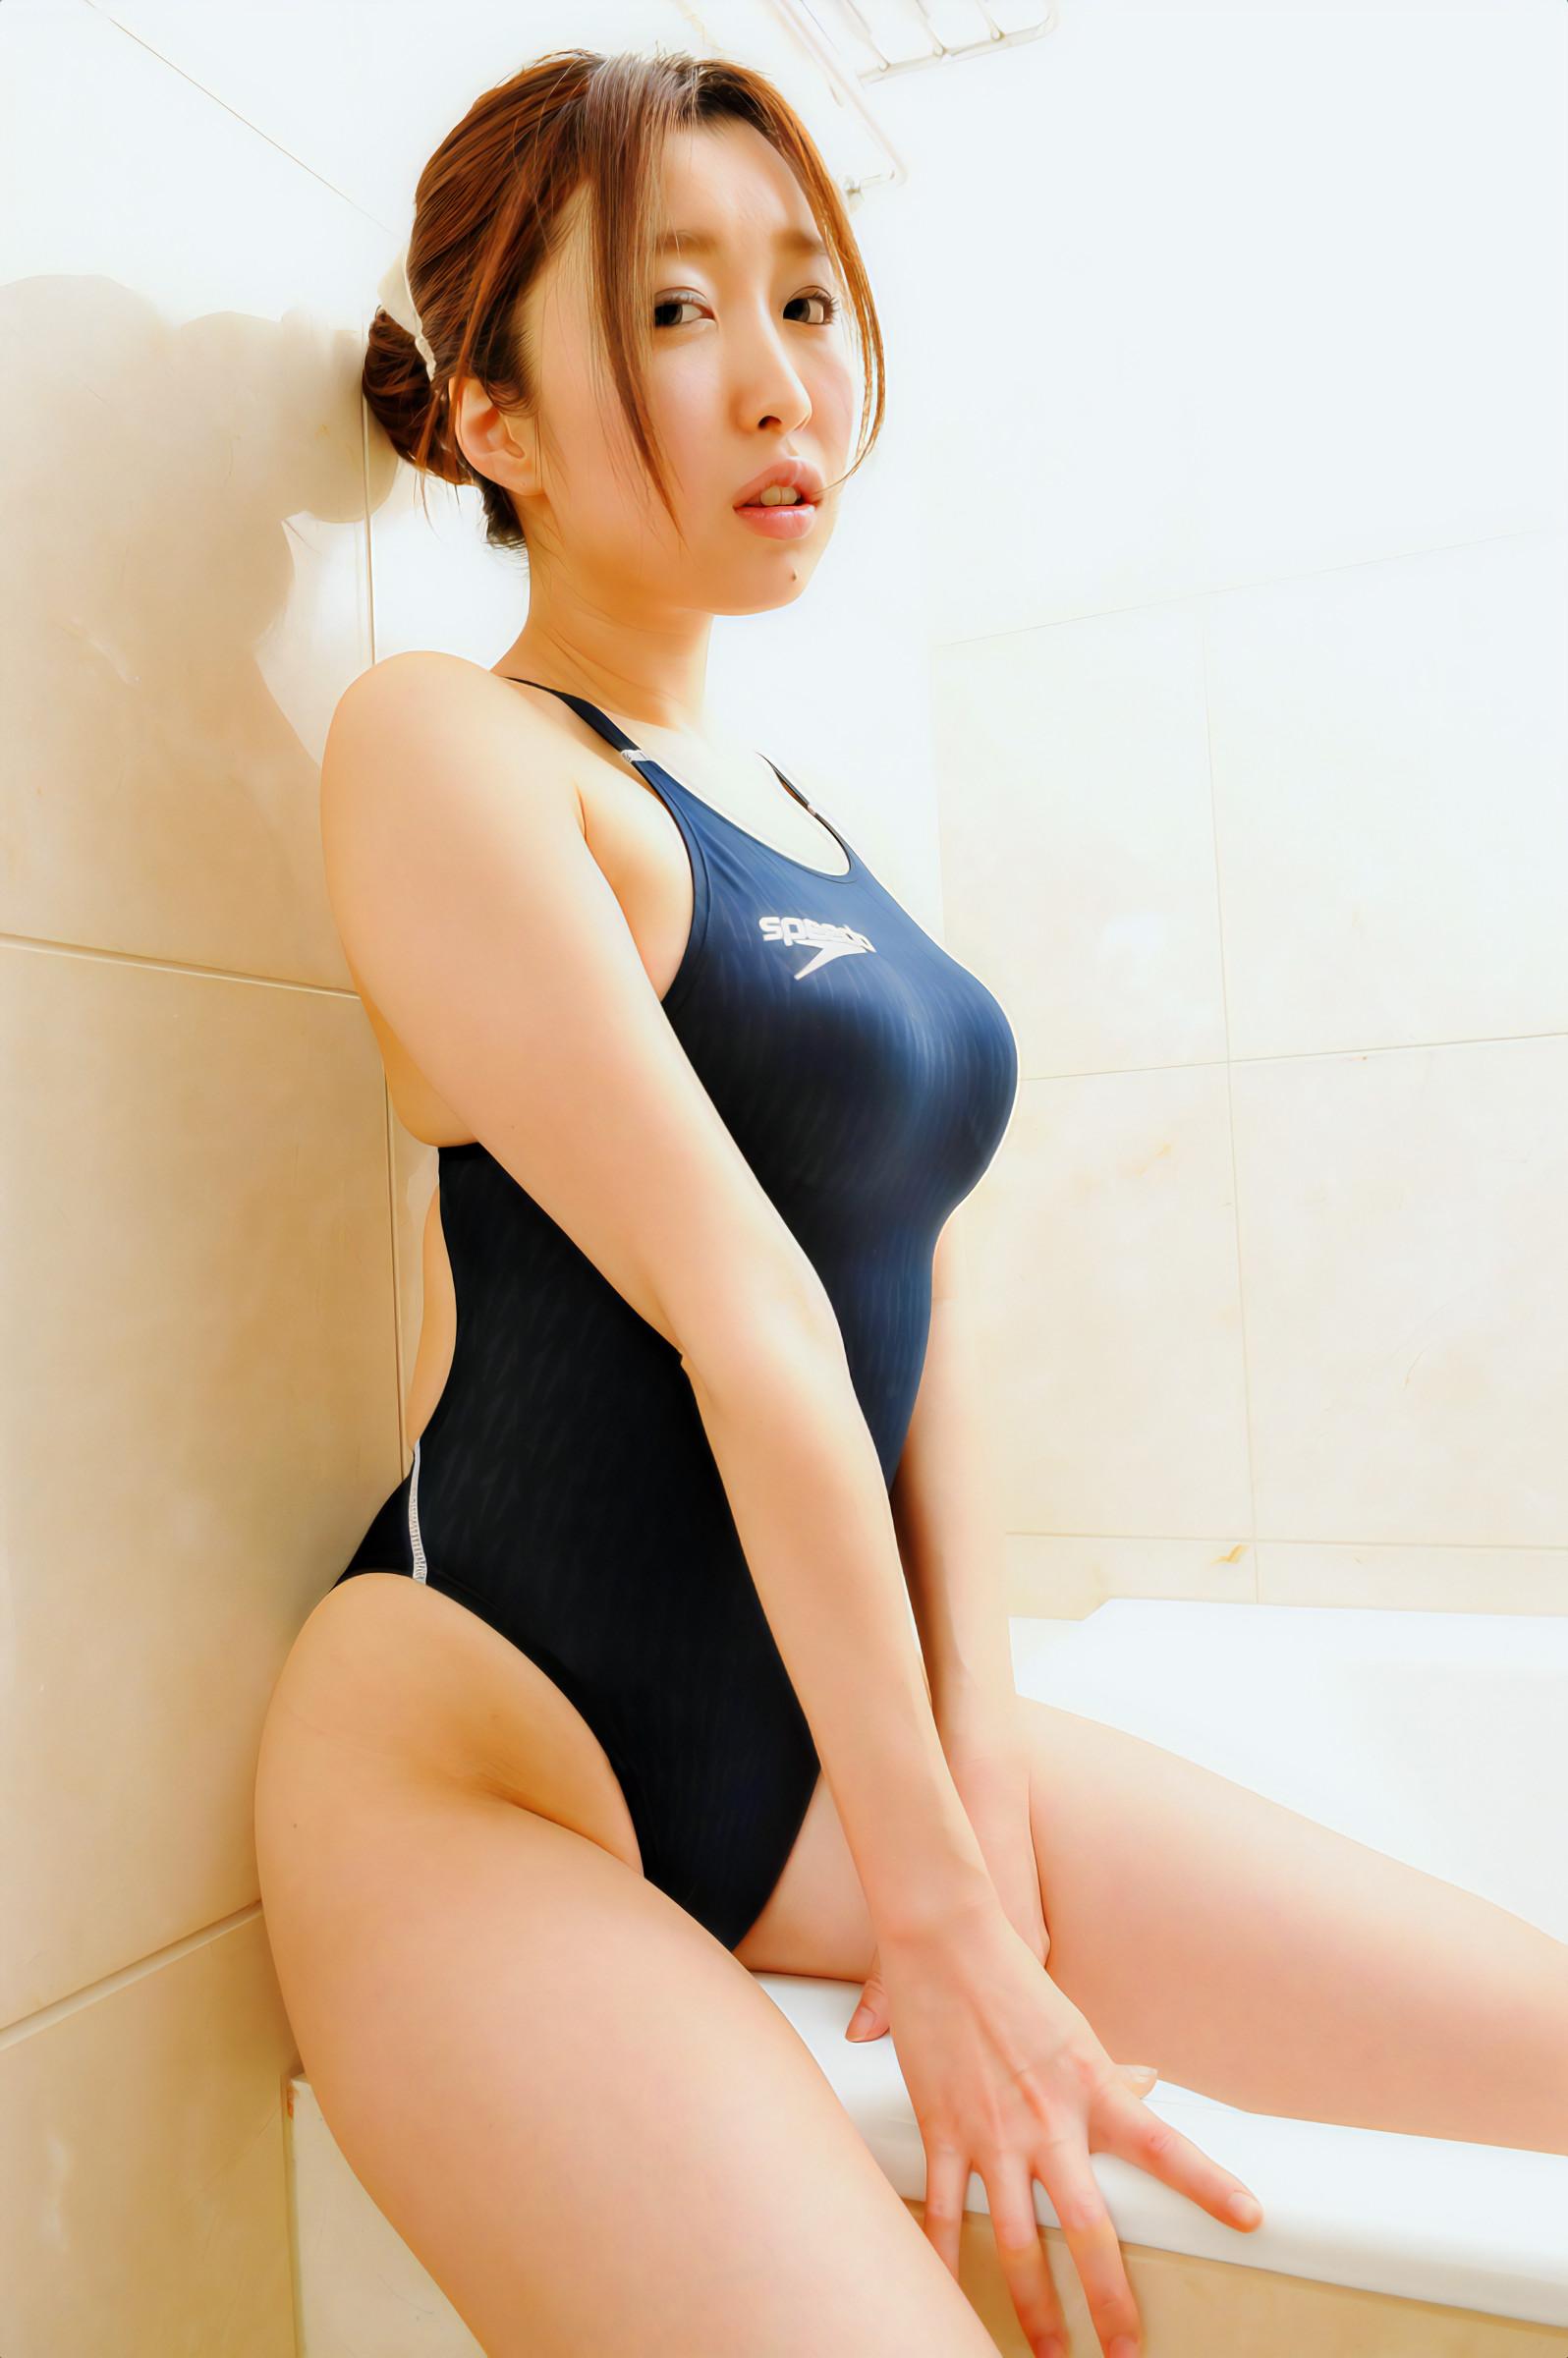 競泳水着の太股